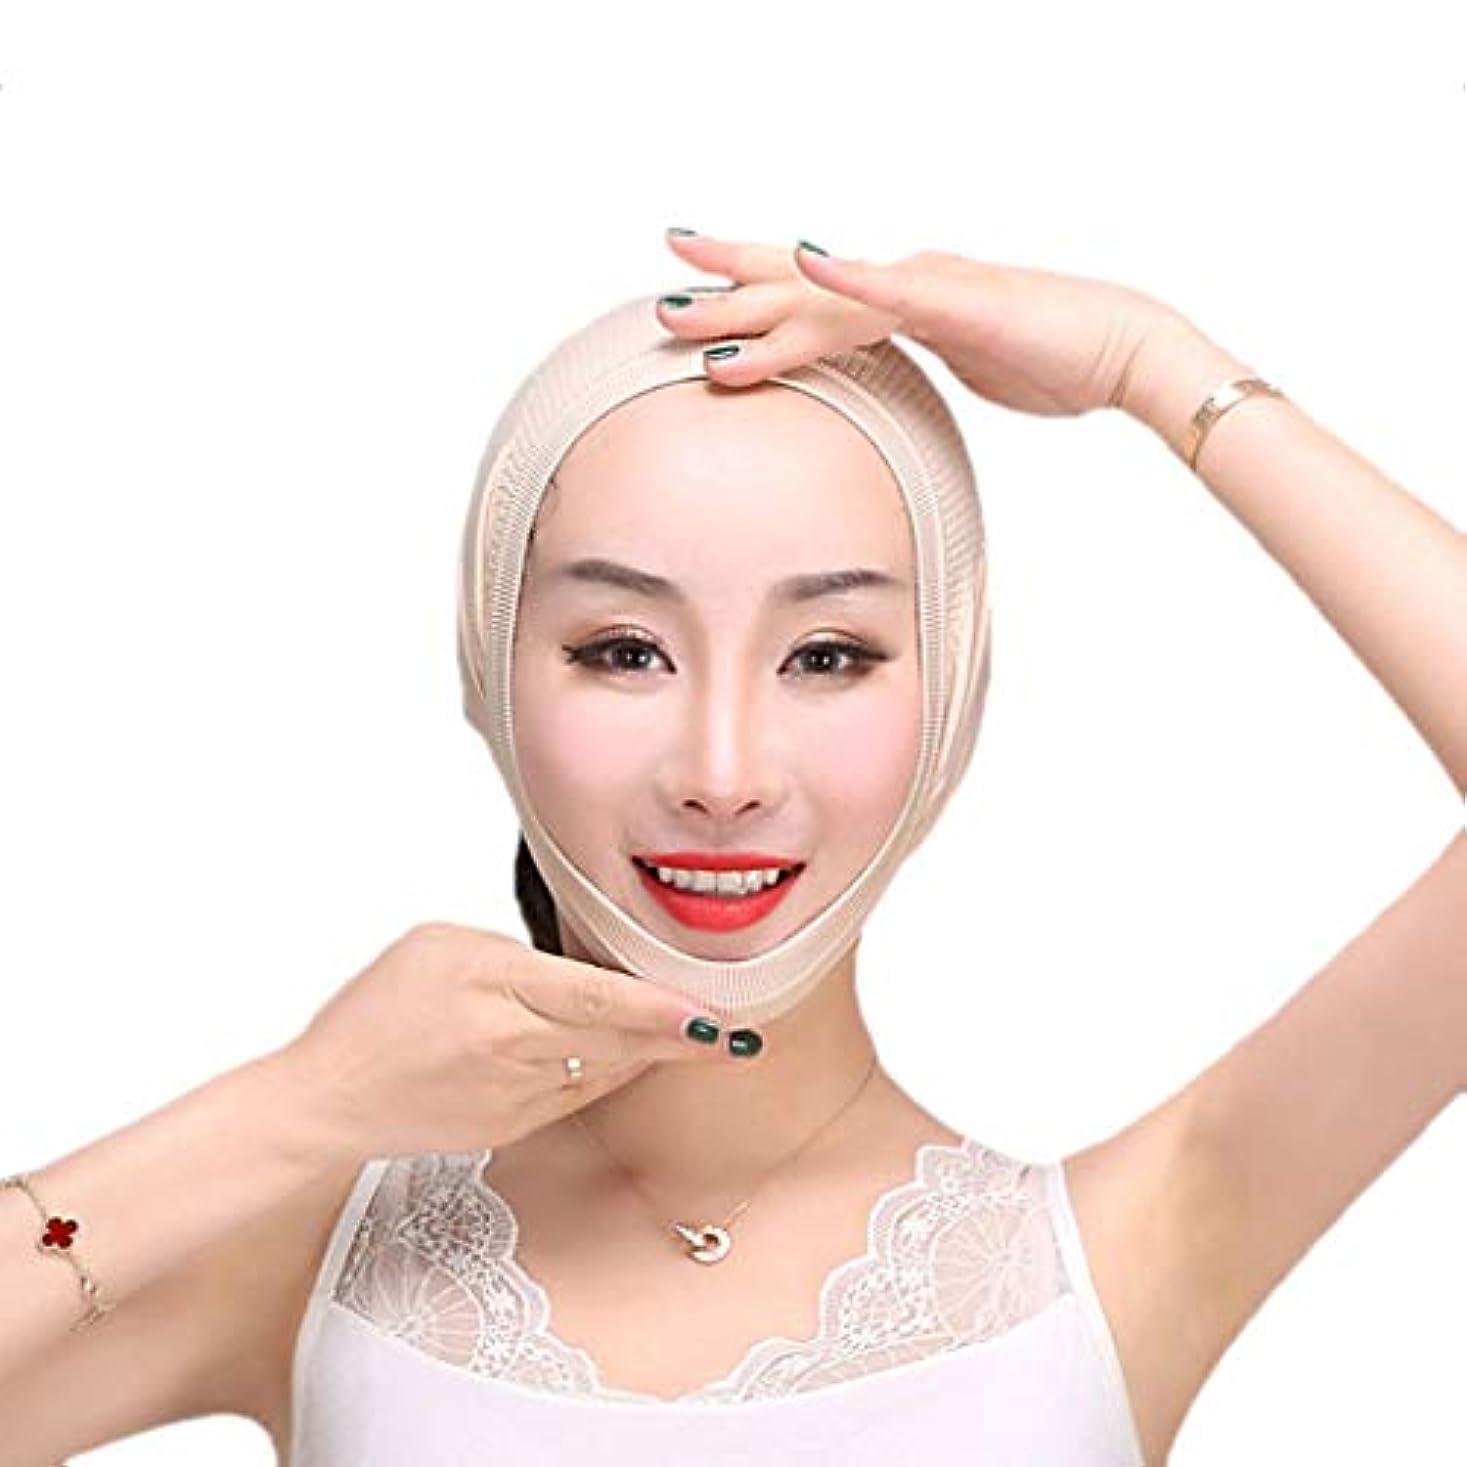 迫害ベールレガシーXHLMRMJ フェイスリフトマスク、フェイススリミングマスク、チンストラップ、フェイスマッサージ、フェイシャル減量マスク、チンリフティングベルト(ワンサイズ)